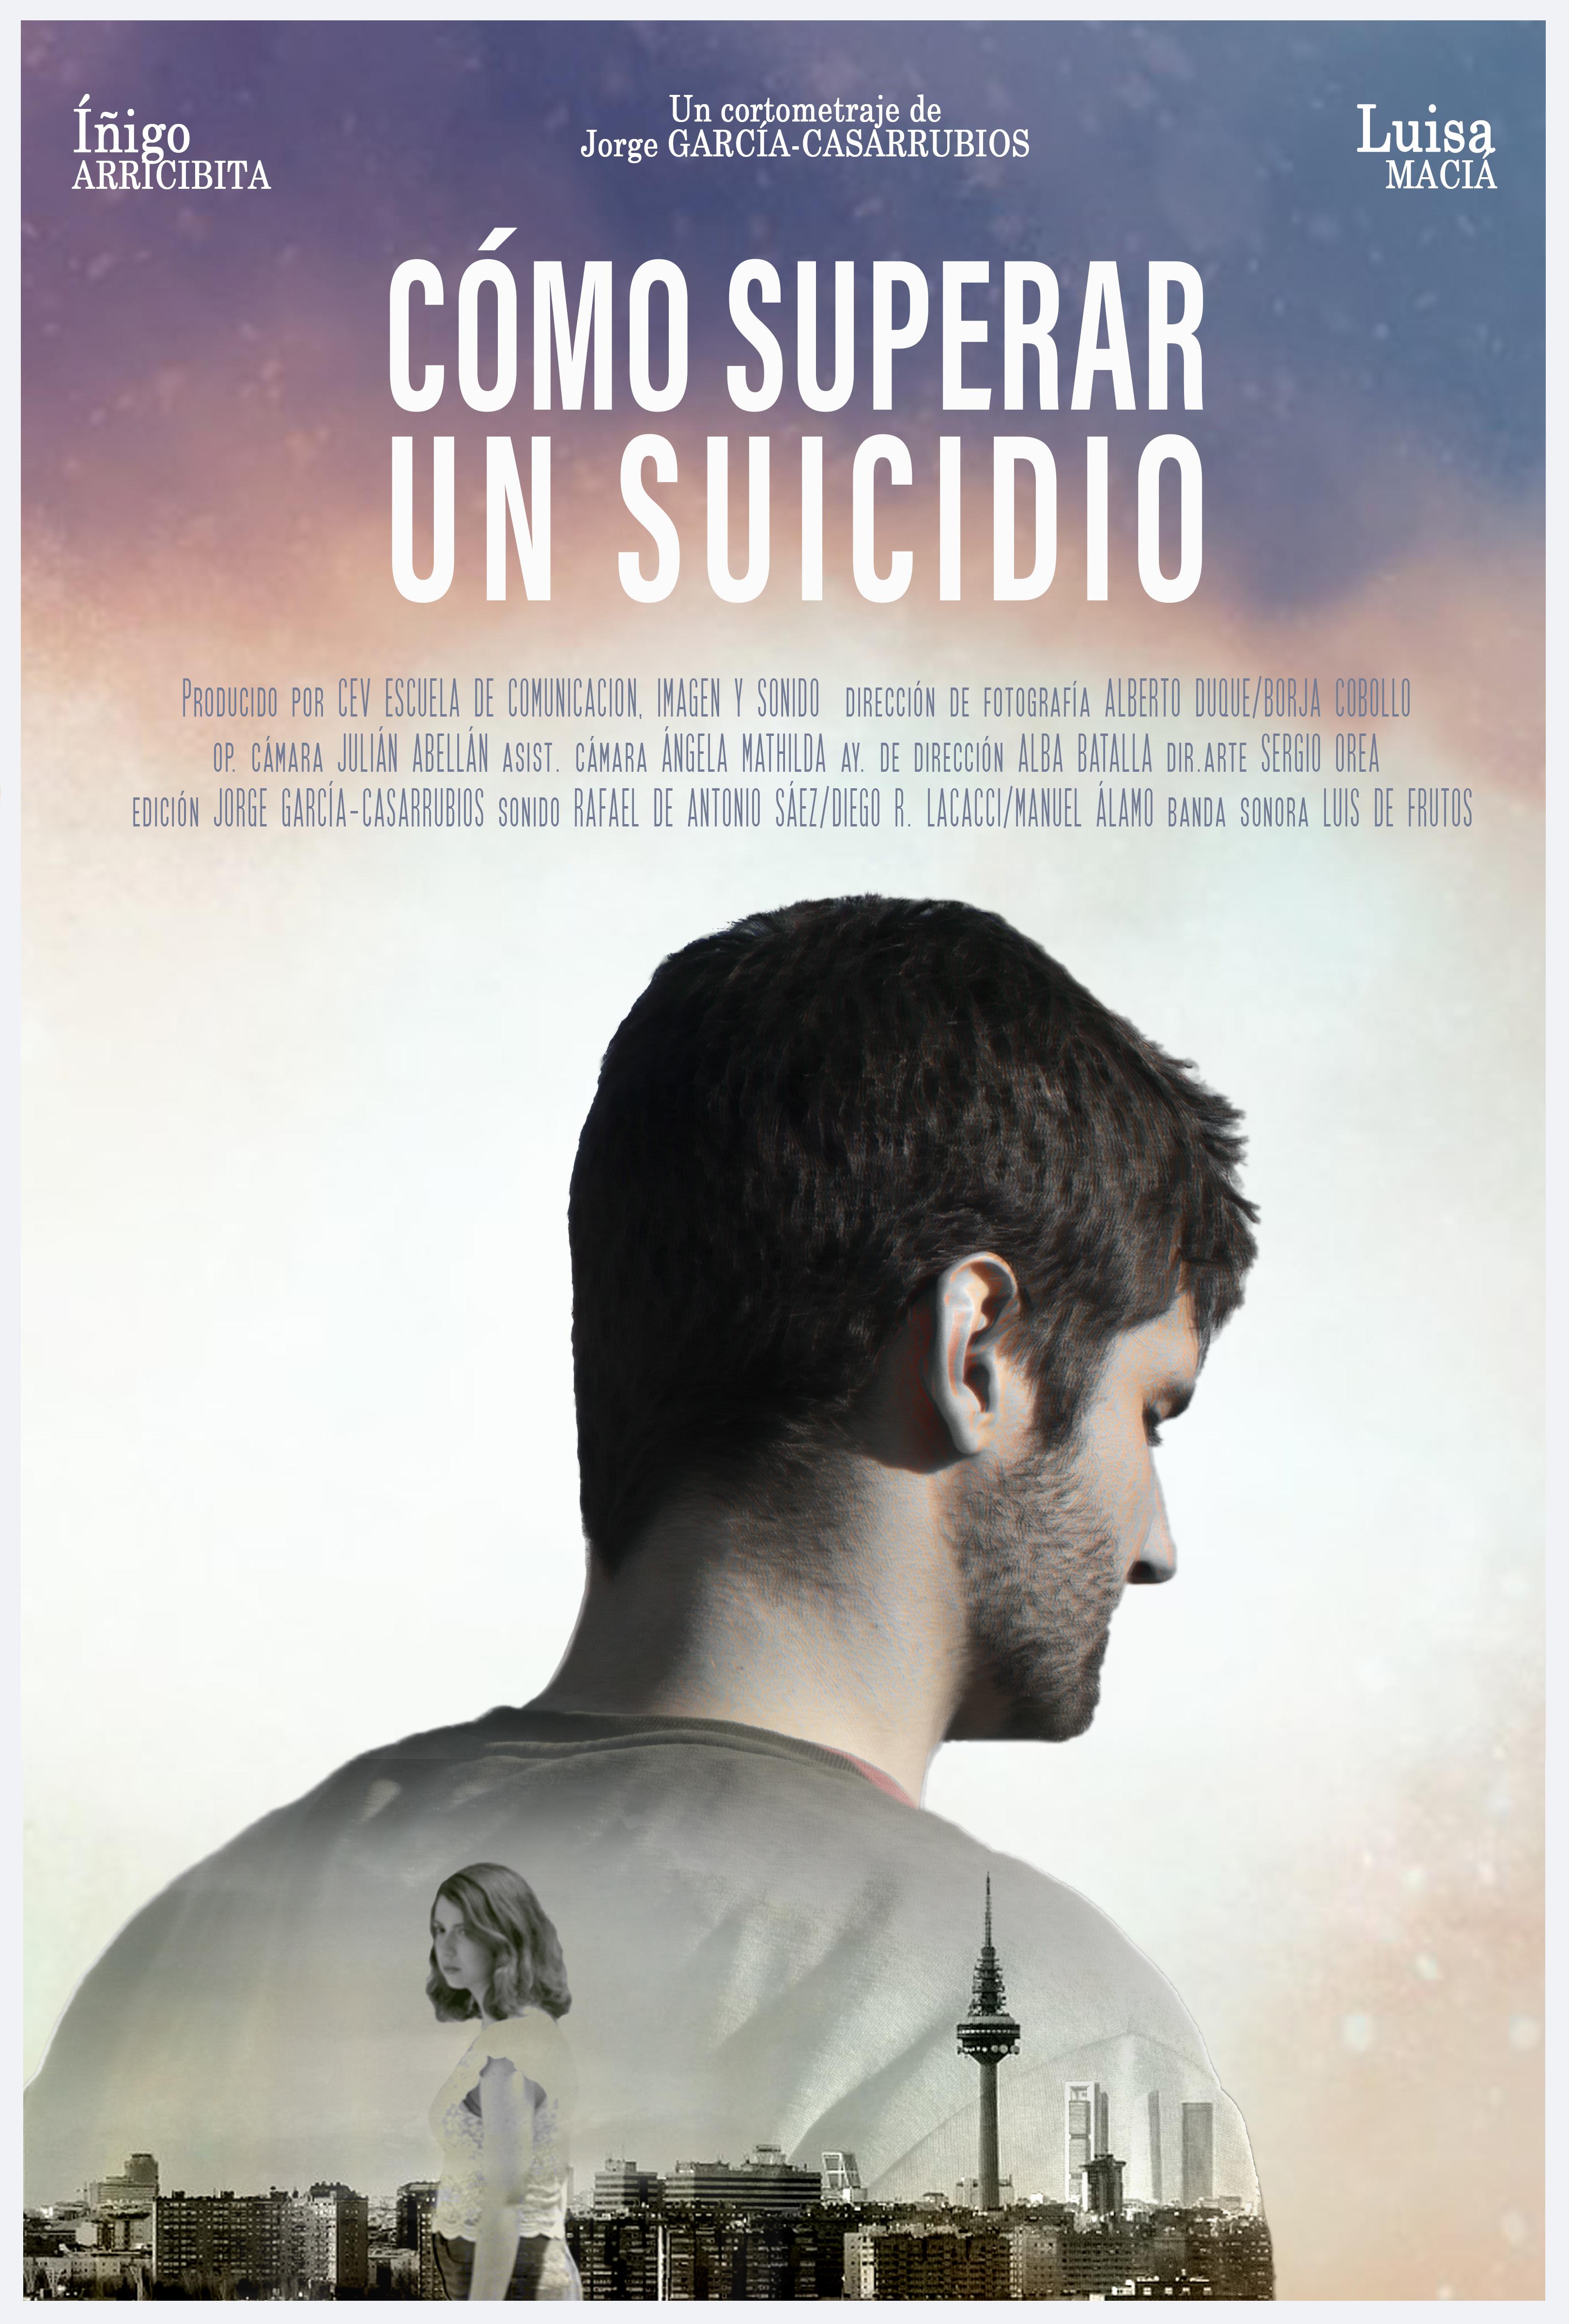 Cómo superar un suicidio (2019) - IMDb